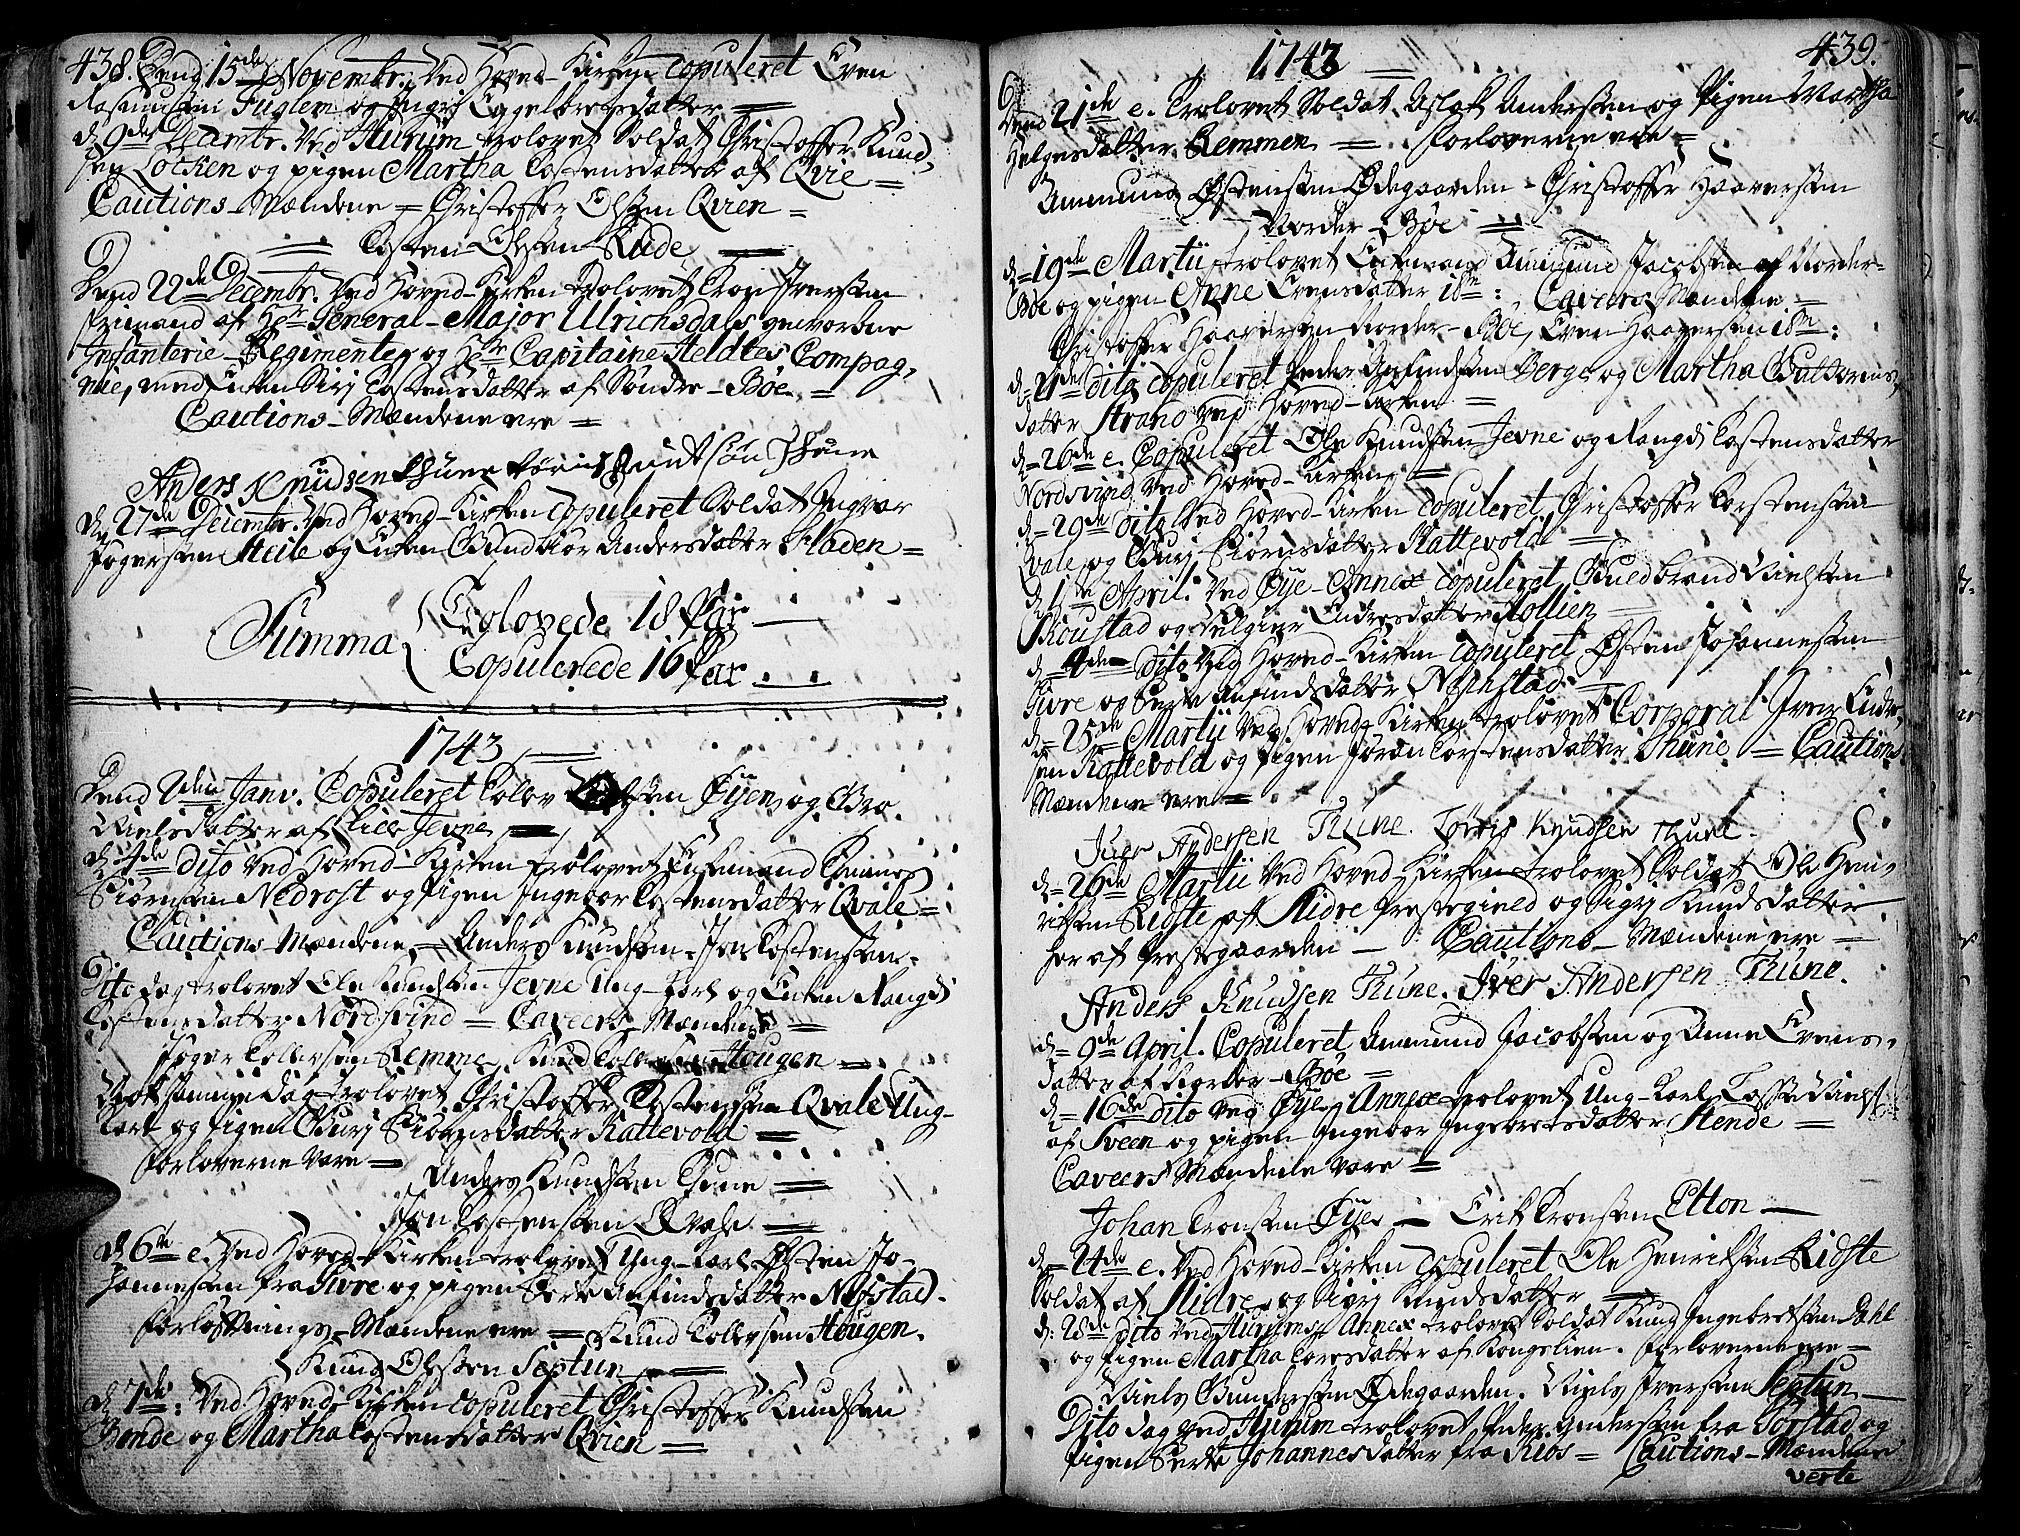 SAH, Vang prestekontor, Valdres, Ministerialbok nr. 1, 1730-1796, s. 438-439